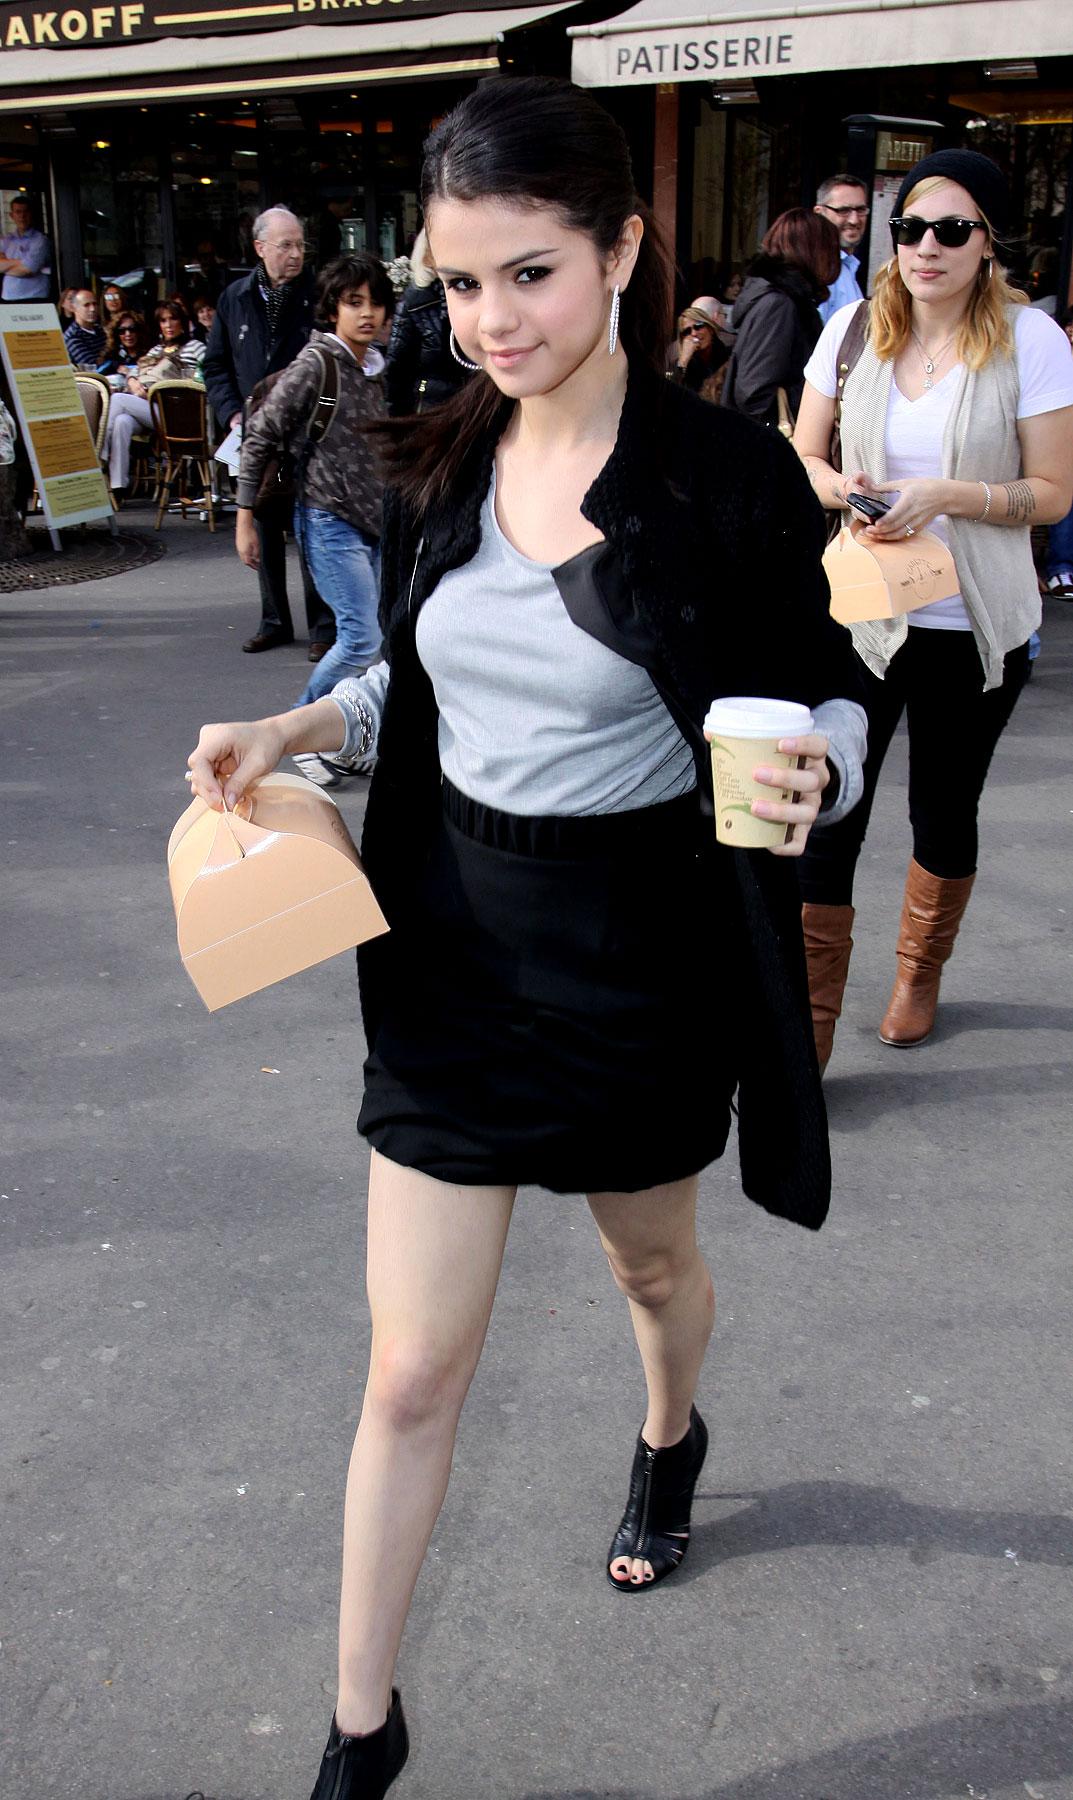 Selena Gomez Enjoys La Vie Parisienne (PHOTOS)